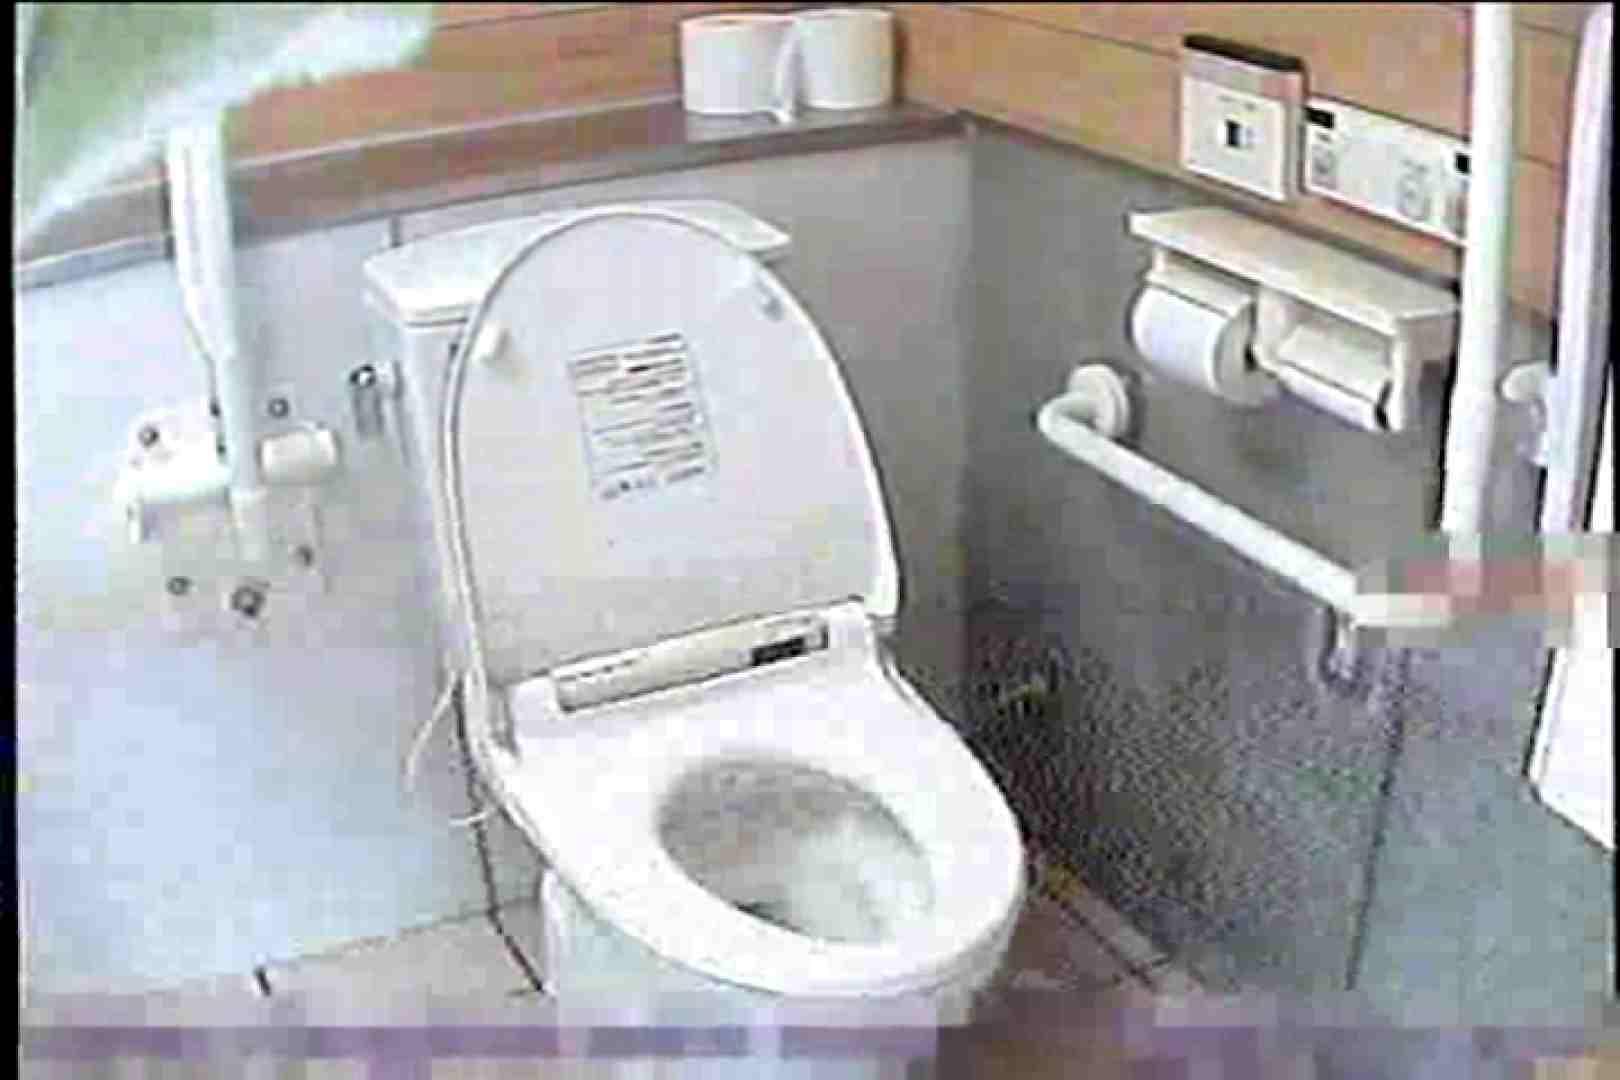 2点盗撮洗面所潜入レポートVol.7 洋式固定カメラ編 ギャルの実態 盗撮エロ画像 63pic 10